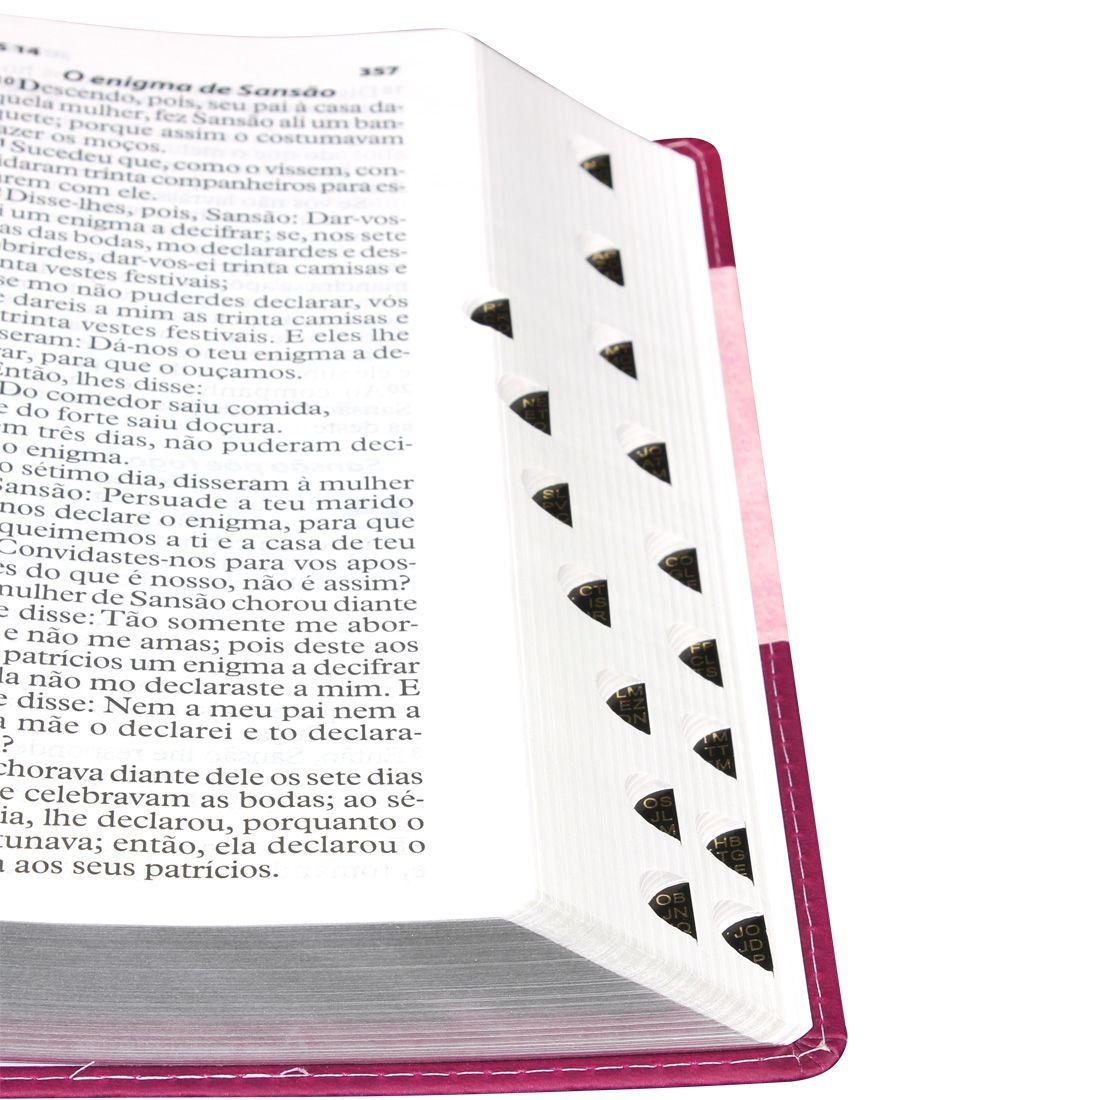 Bíblia Evangélica Feminina Letra Extragigante C/Índice Palavra de Jesus em Vermelho